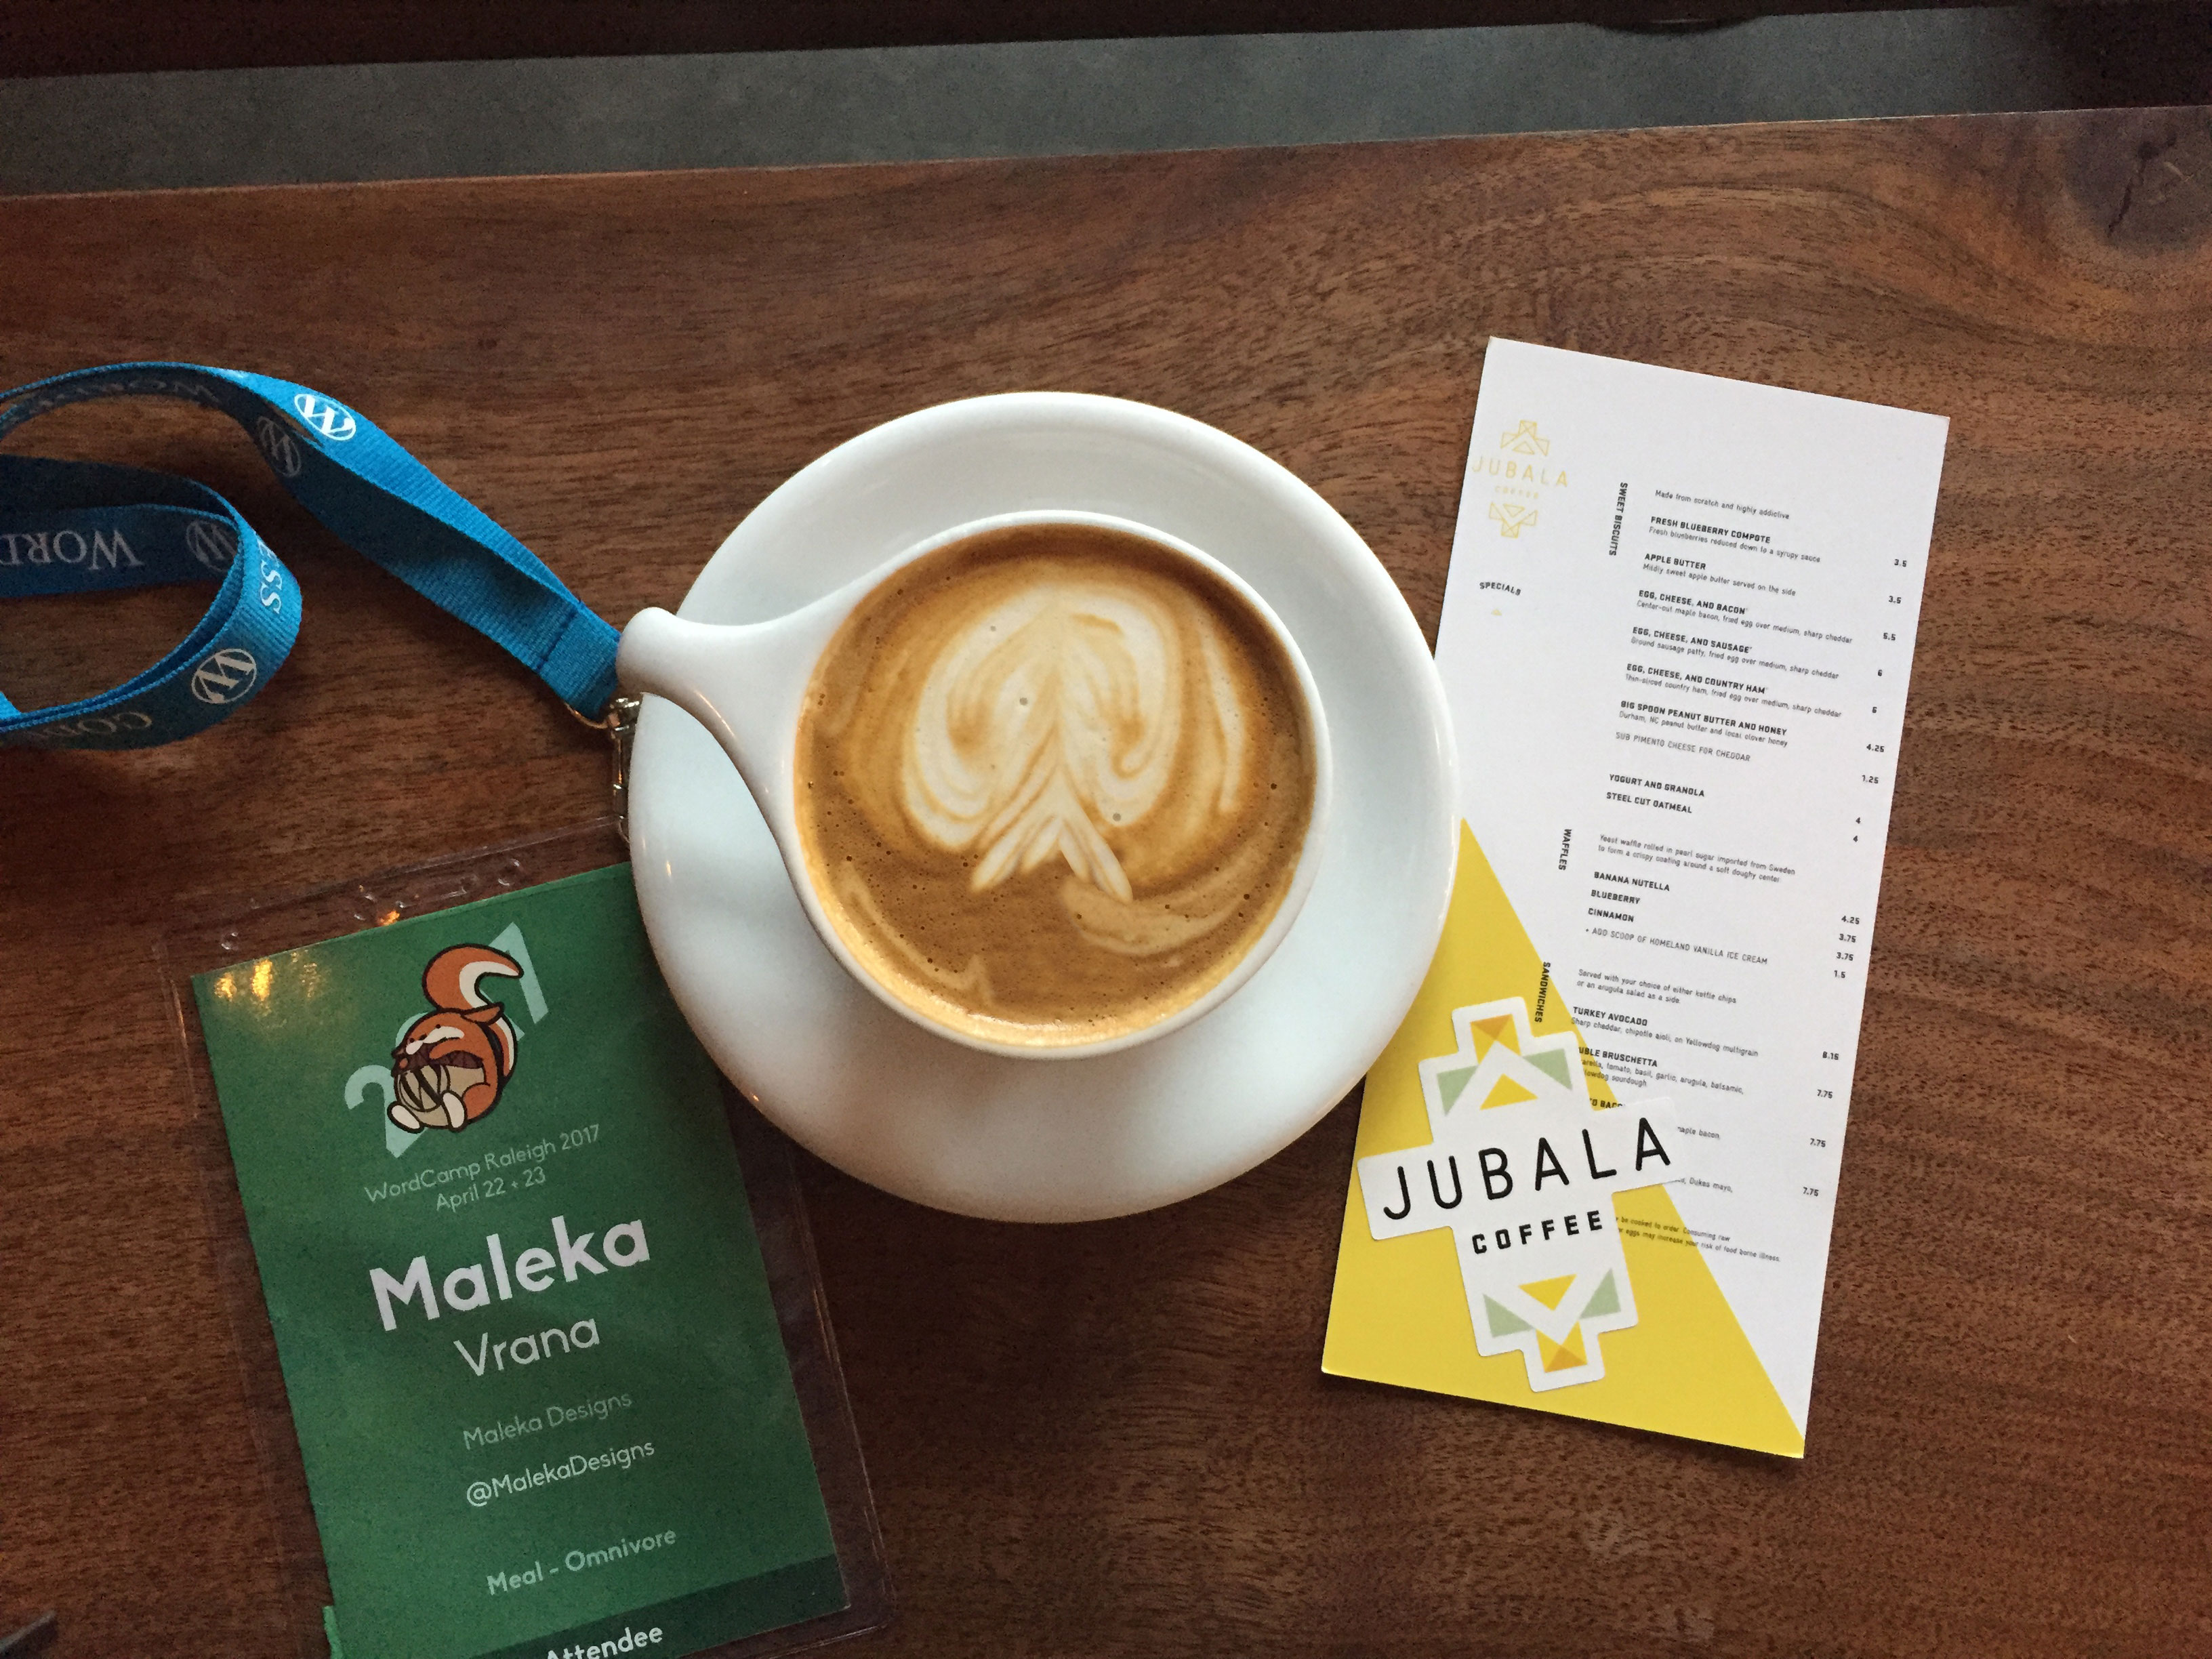 Jubla Coffee Raleigh